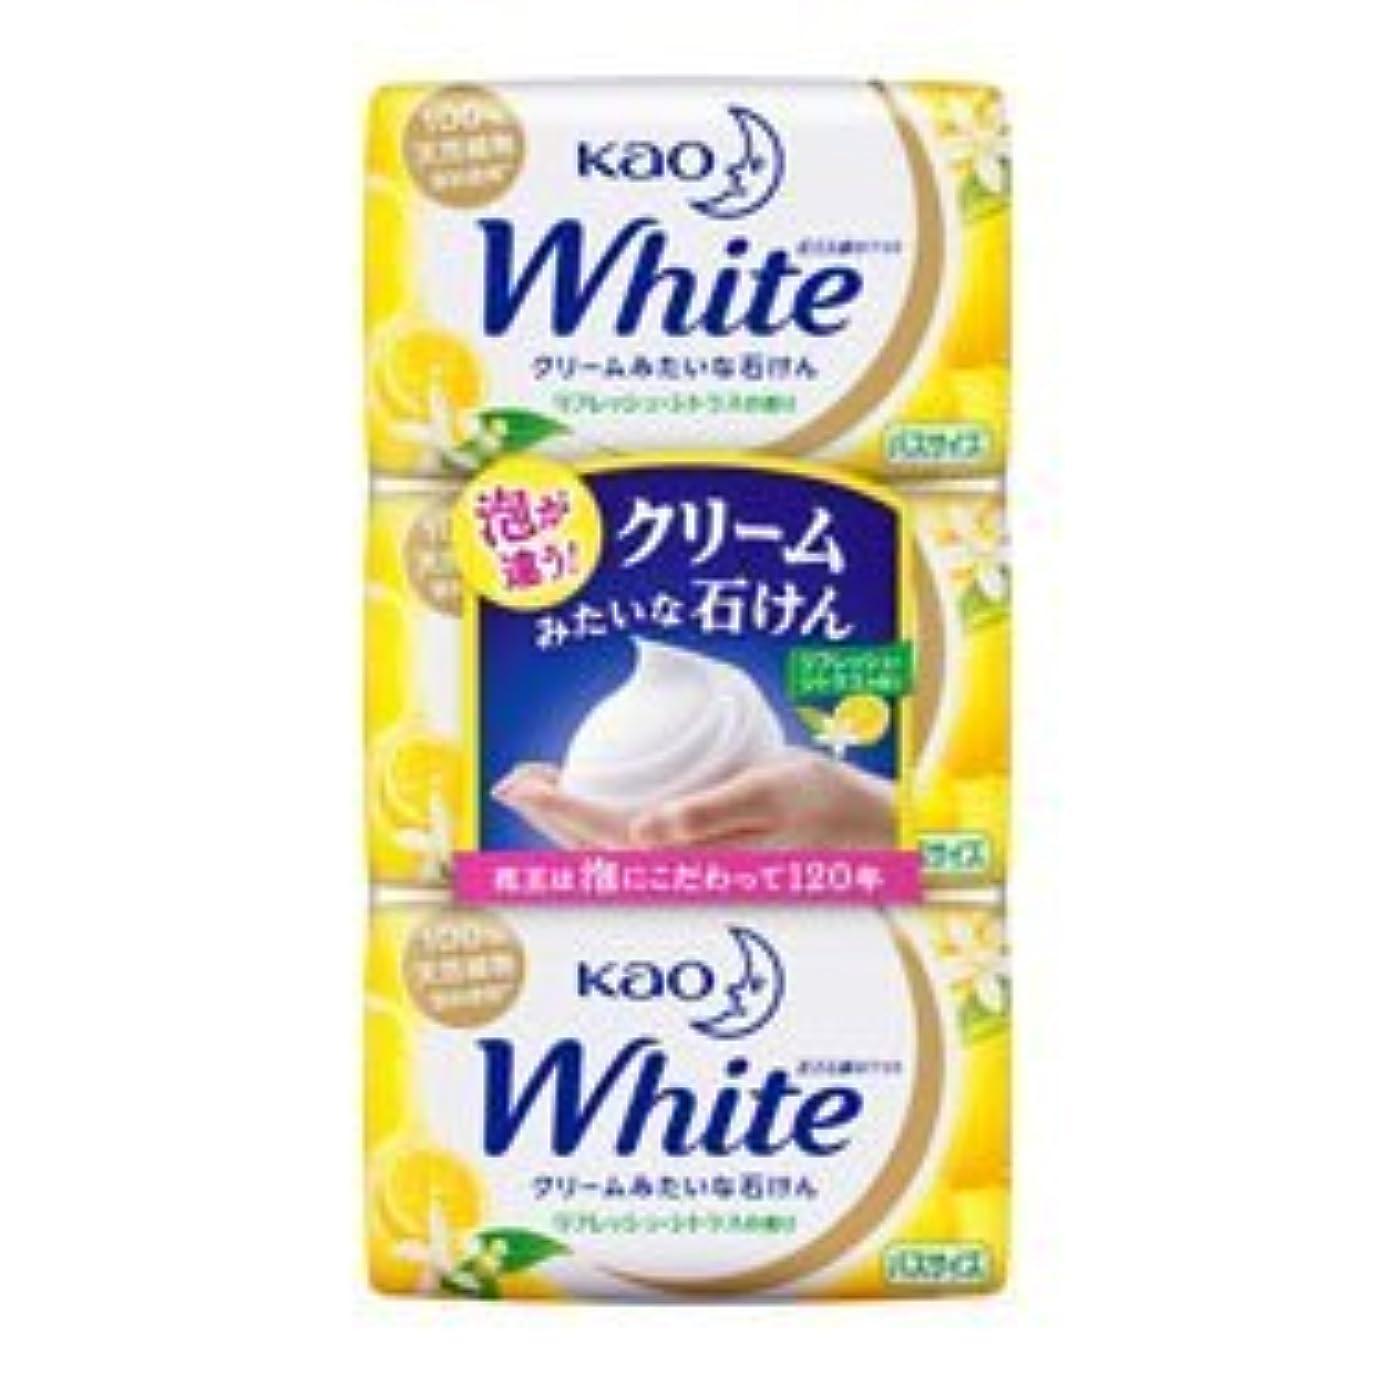 満足させる明快発音する【花王】ホワイト リフレッシュ?シトラスの香り バスサイズ 130g×3個入 ×3個セット